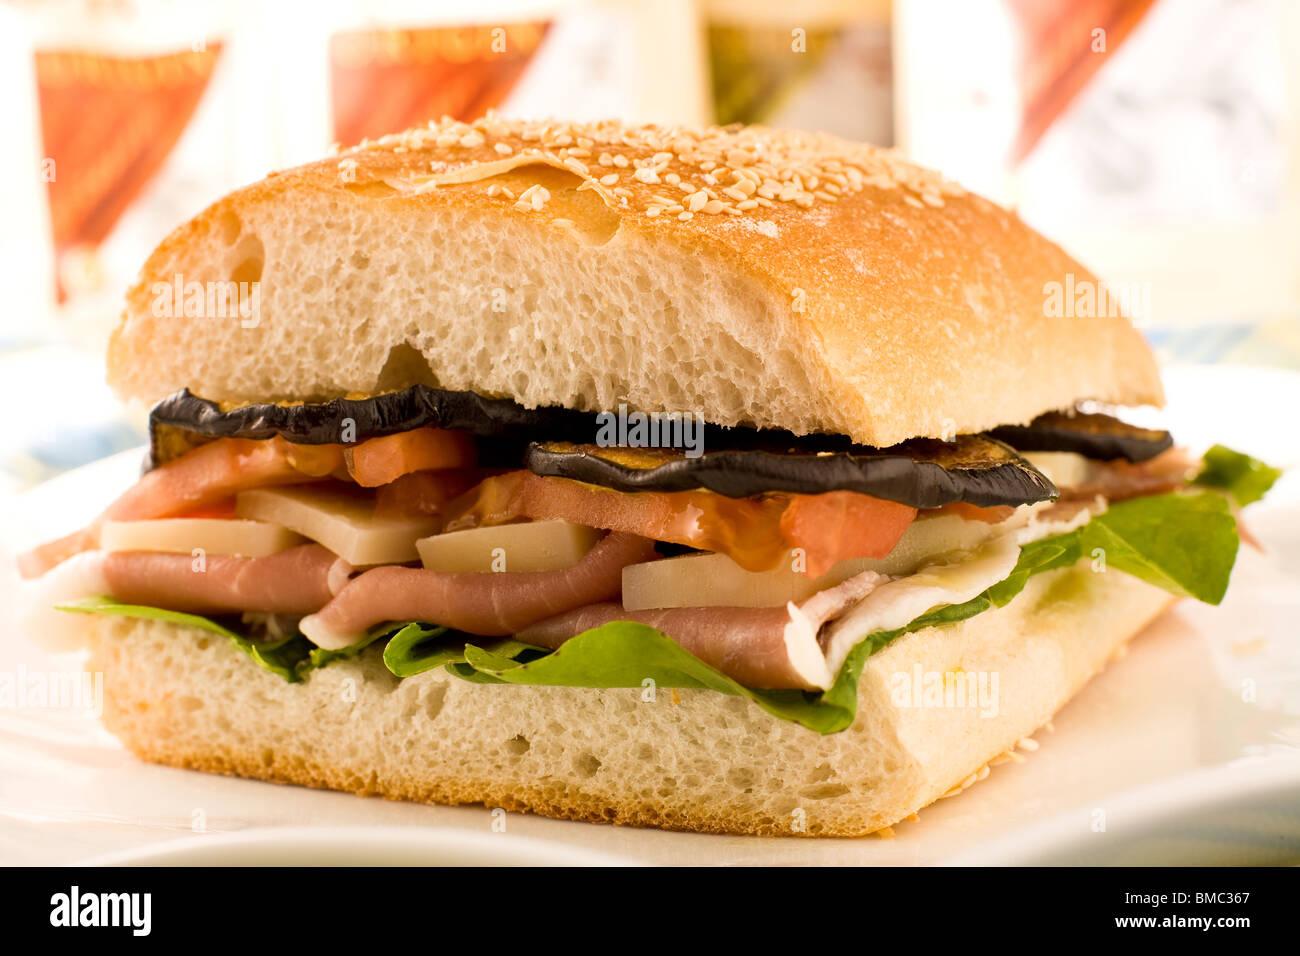 Multi layered sandwich - Stock Image